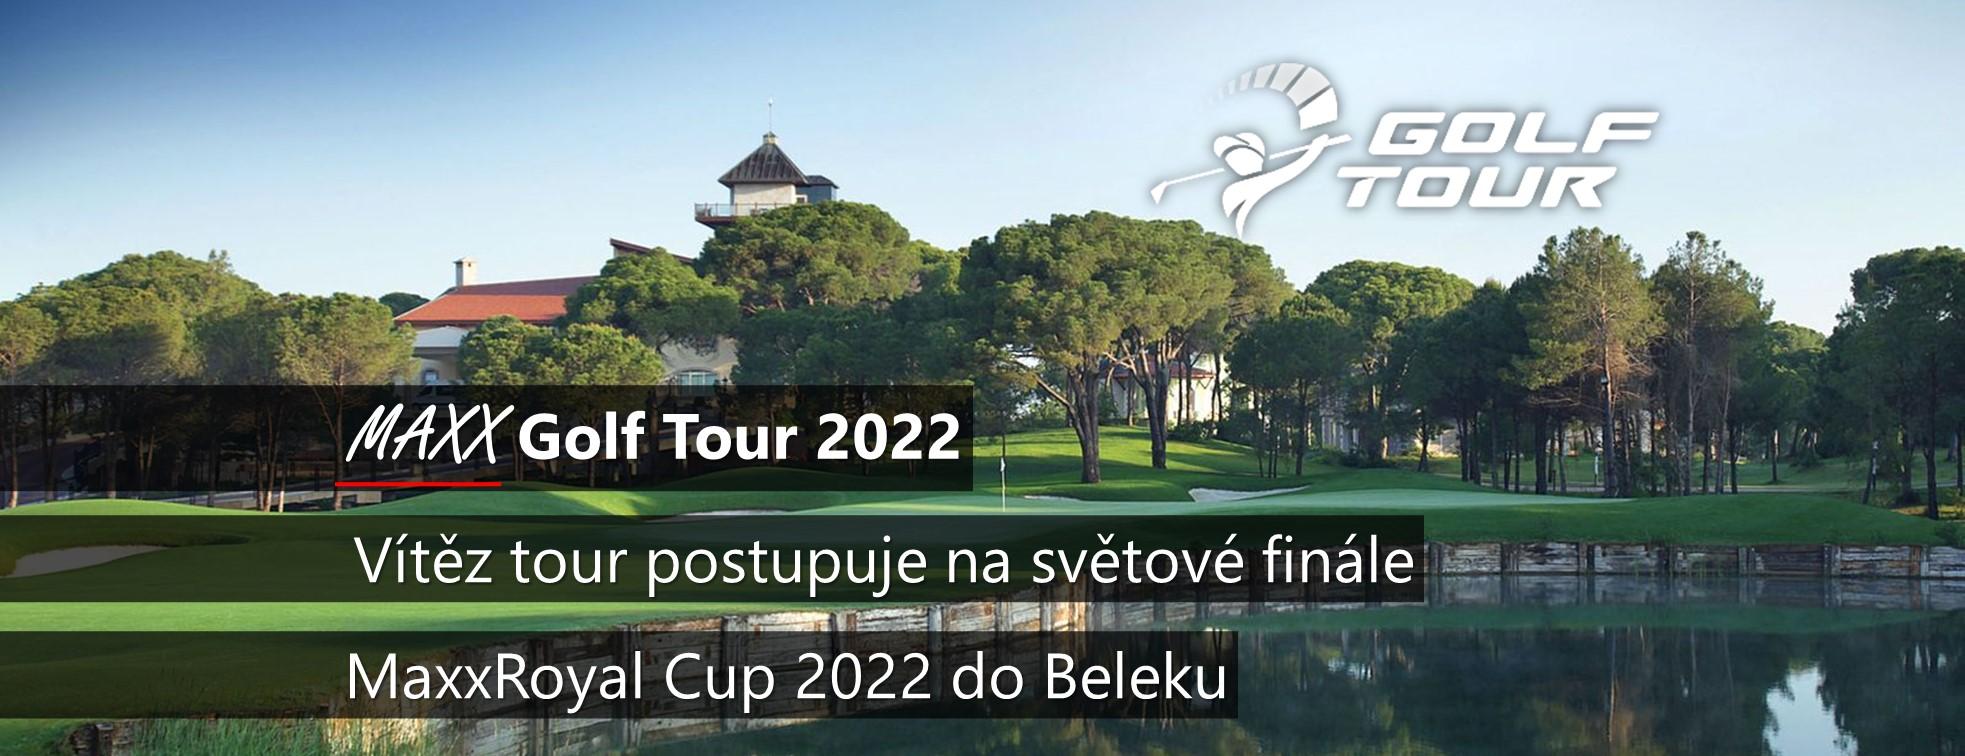 2022_Maxx_Belek_cena_pro_viteze